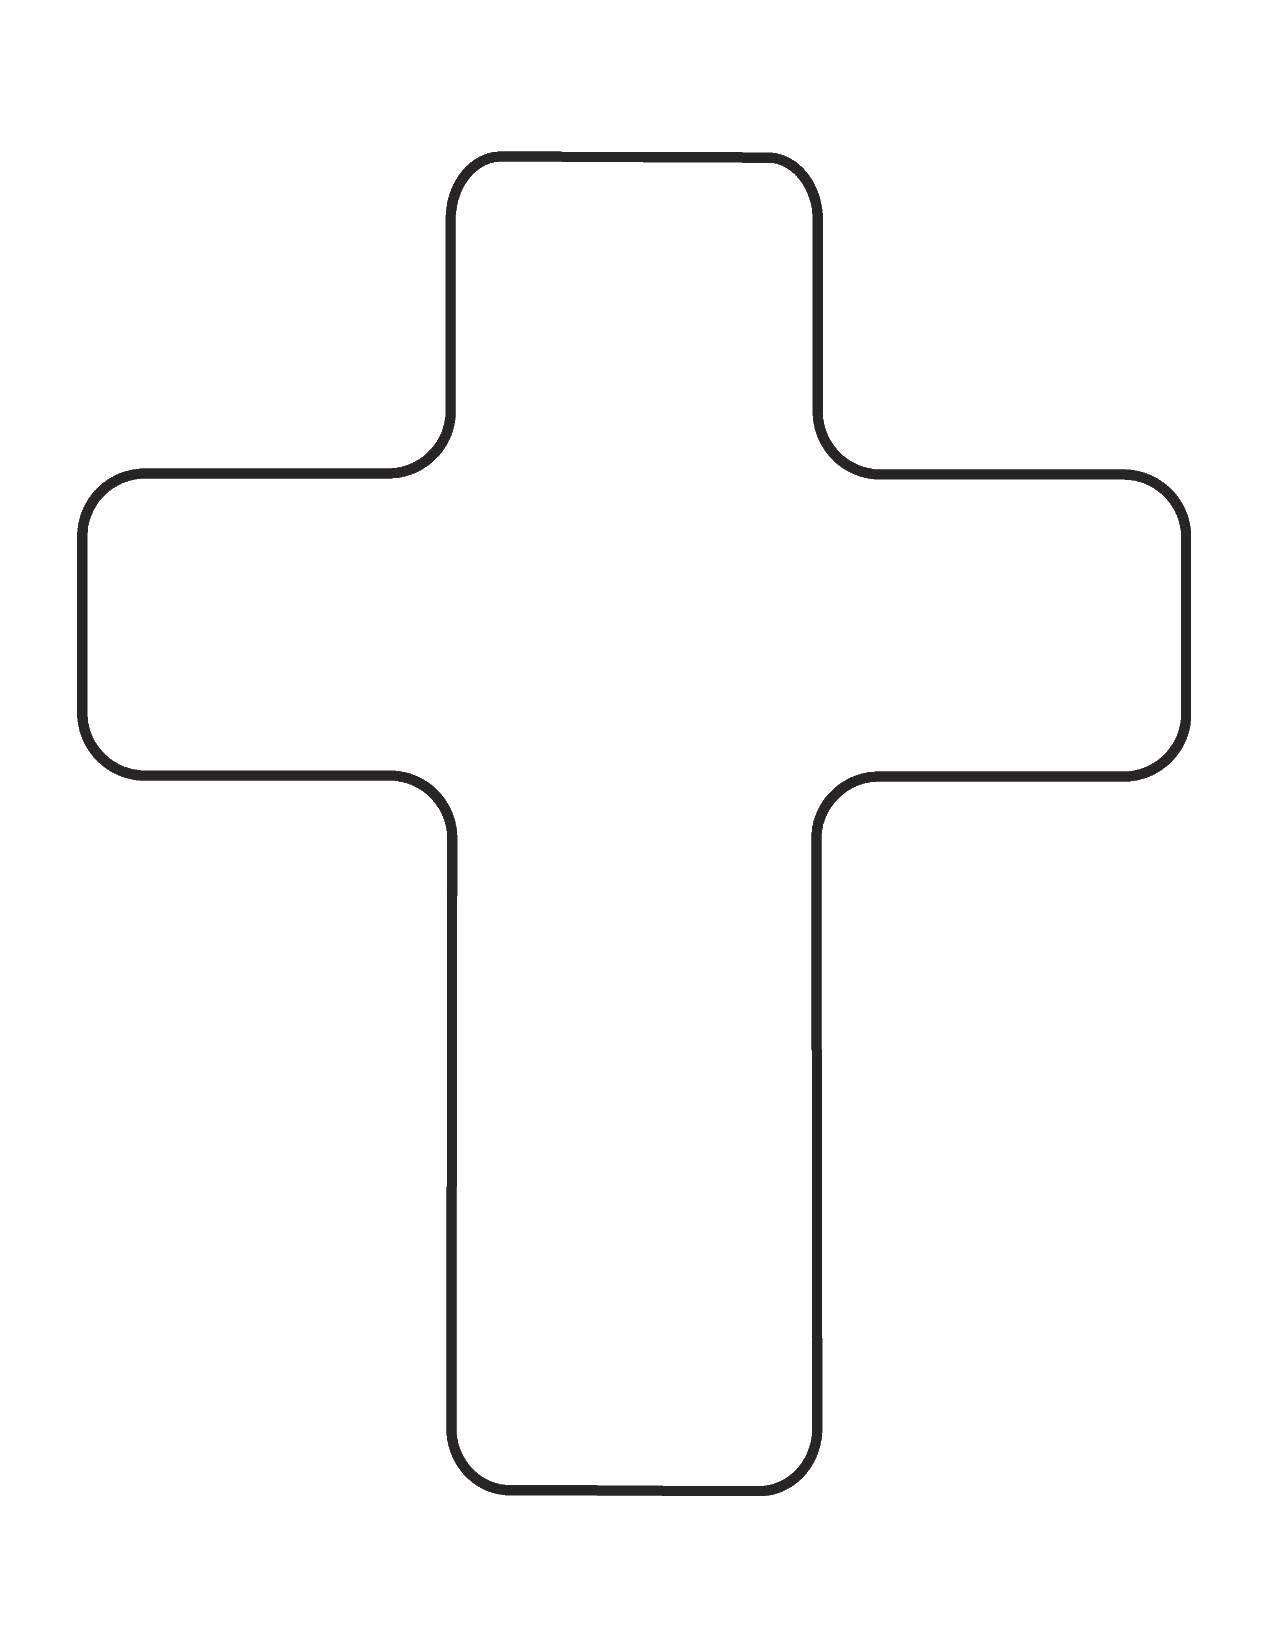 Раскраска раскраски крест Скачать девочка.  Распечатать ,раскраски для девочек,